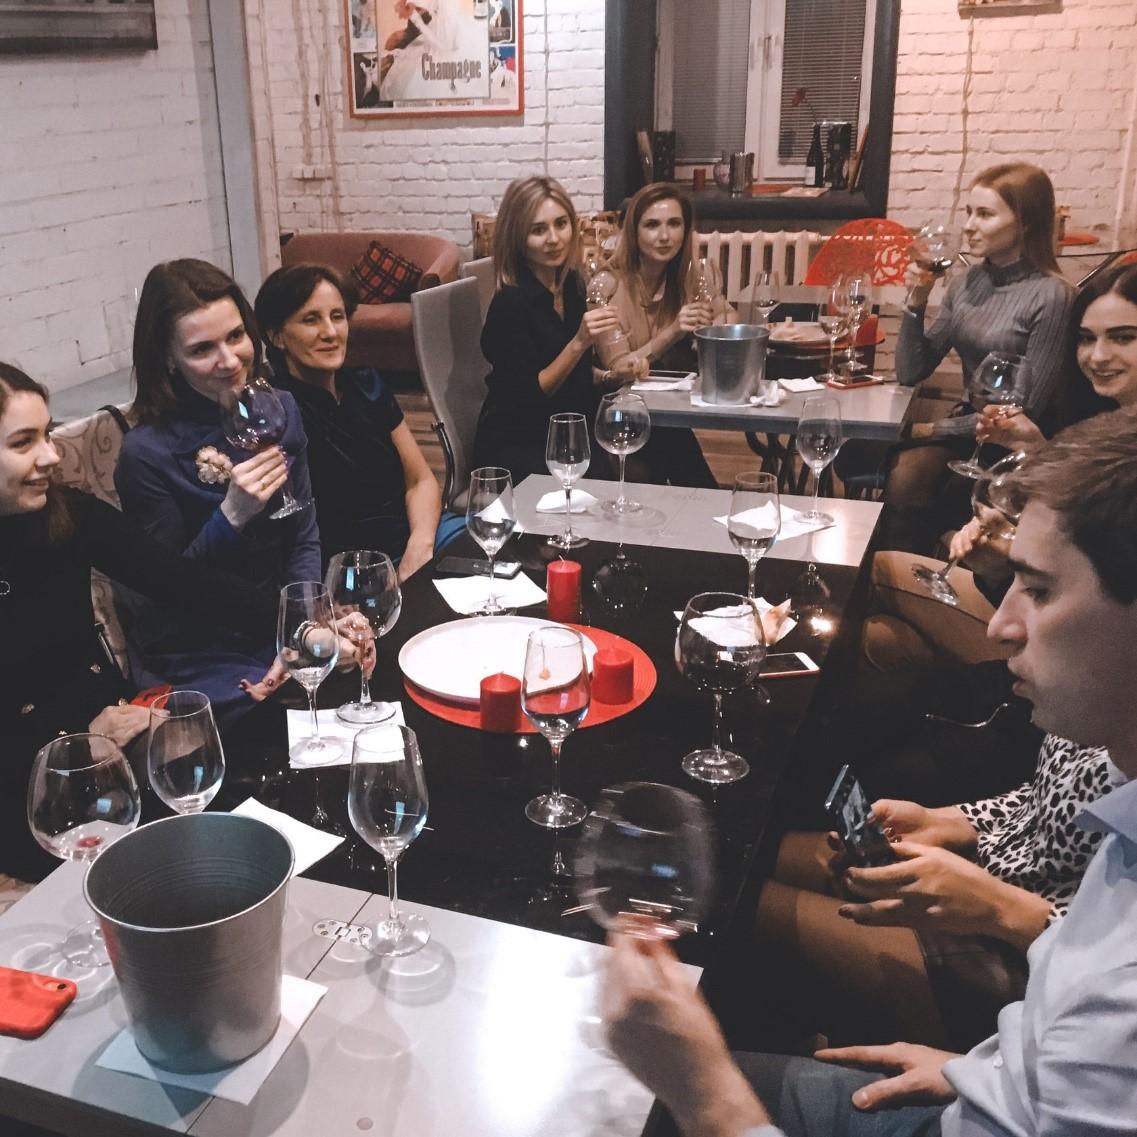 dxcfghvgjbhk - Мастер-класс в Москве для взрослых, как выбрать?